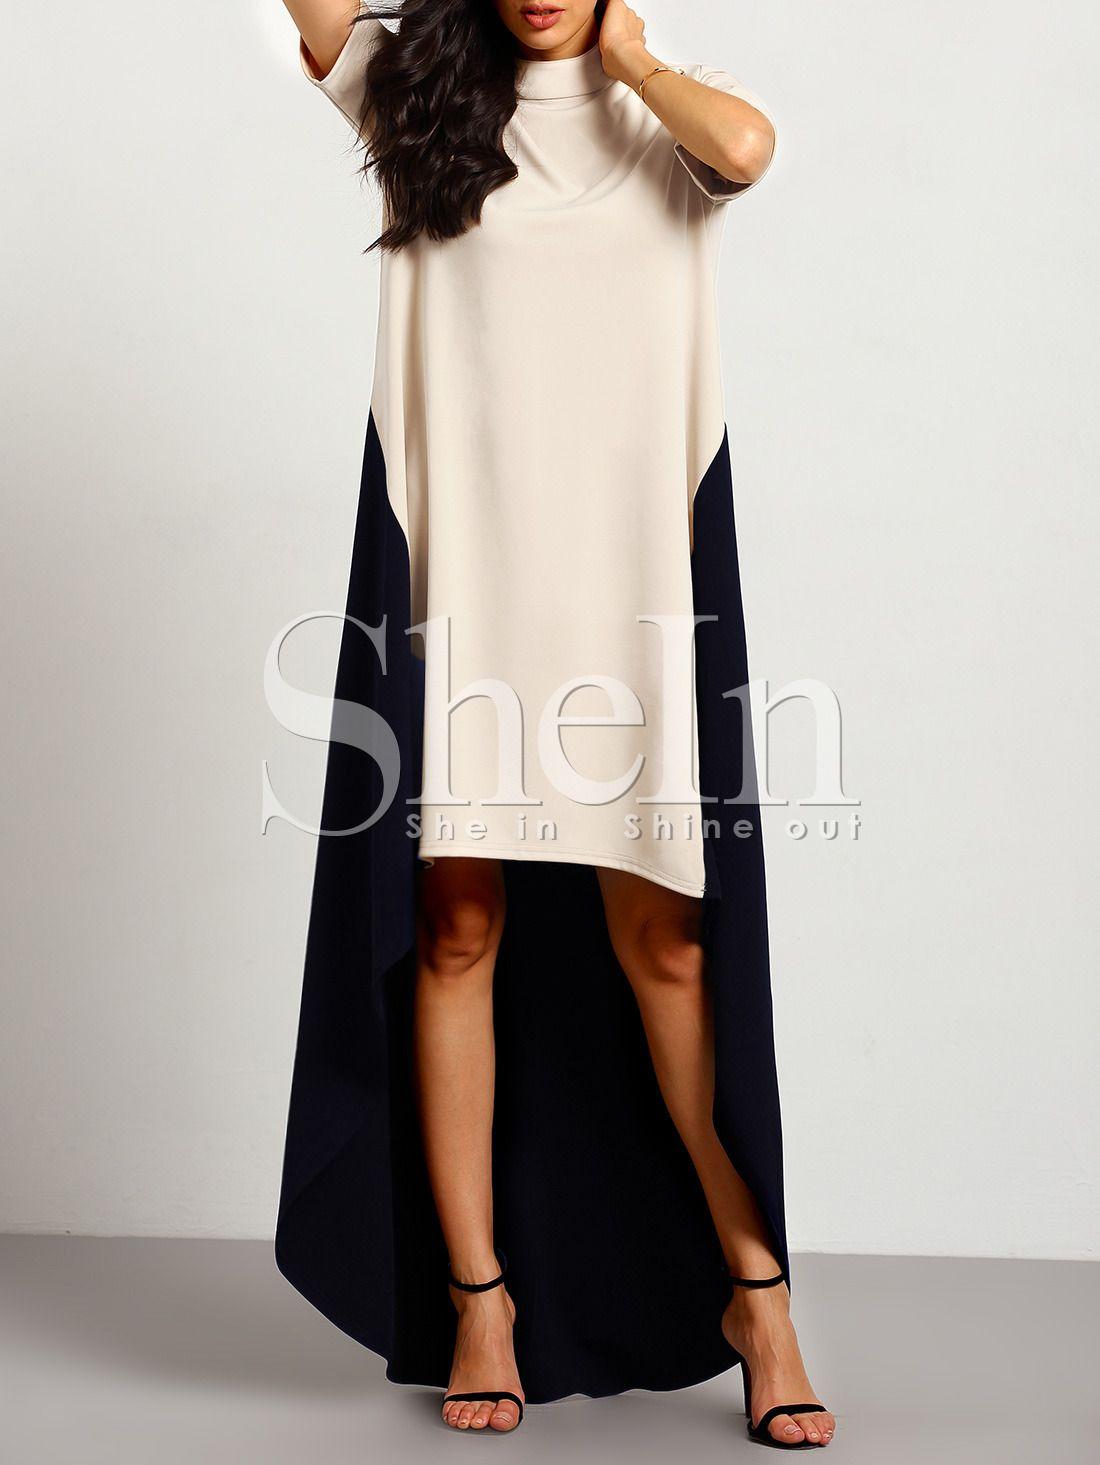 Kontrastfarbiges Kleid vorne kurz hinten lang-aprikose und schwarz ...